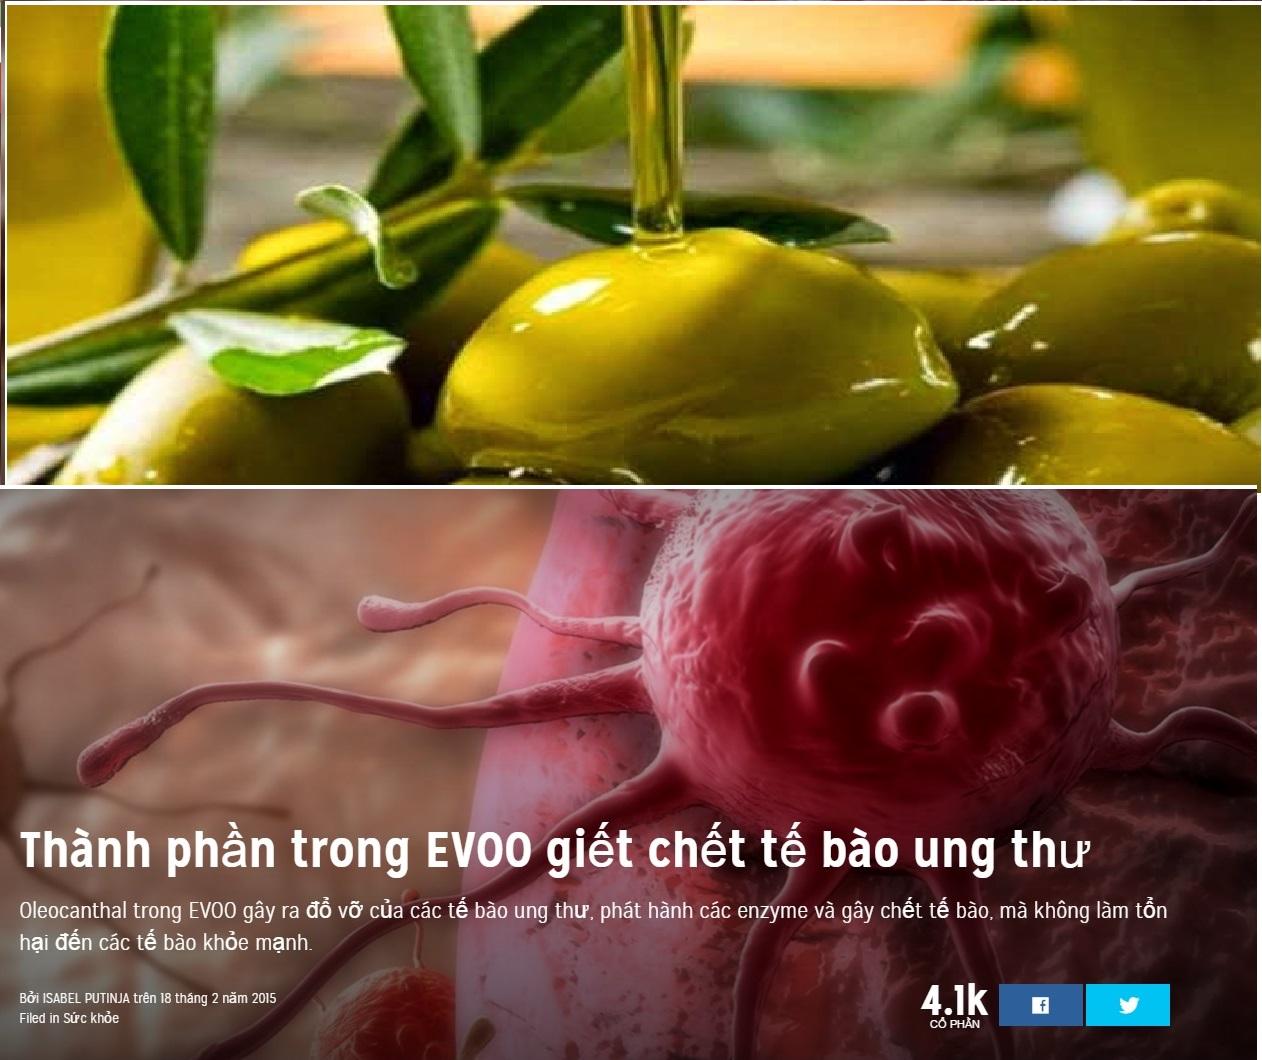 dầu olive và tế bào ung thư